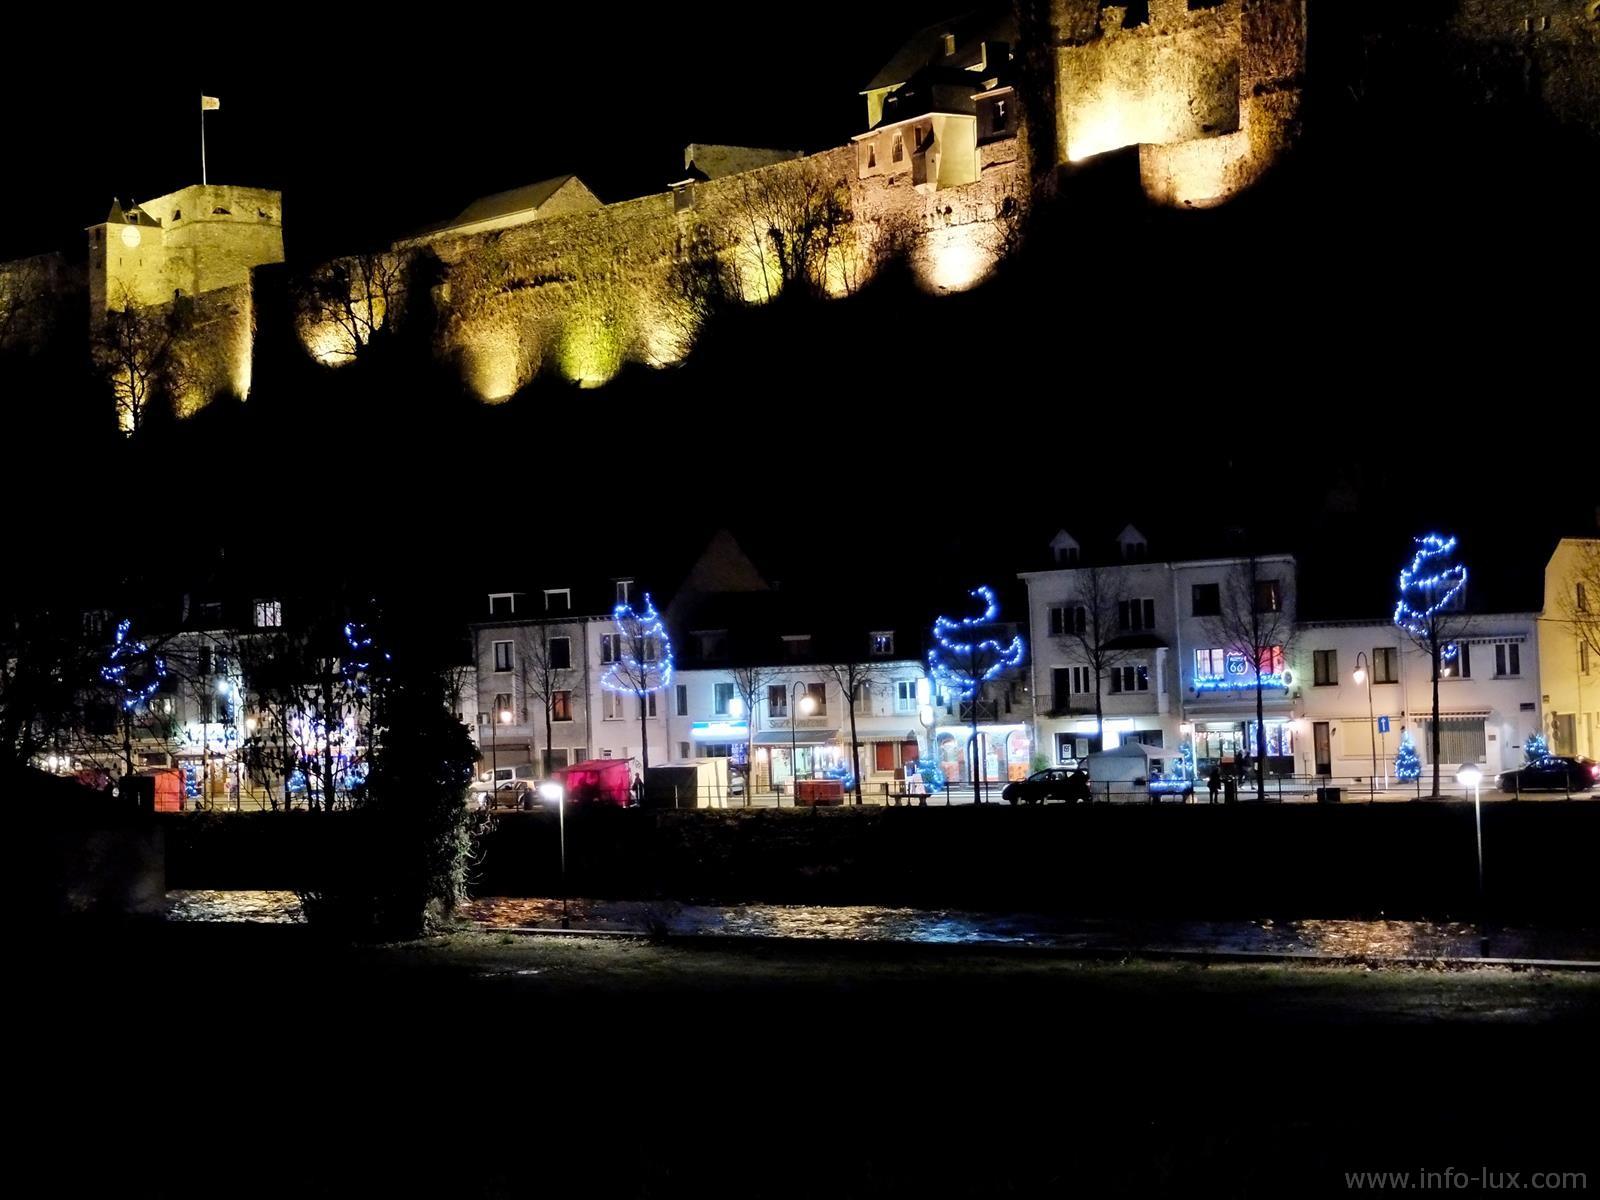 Photos du Marché de Noël de BouillonPhotos du Marché de Noël de Bouillon